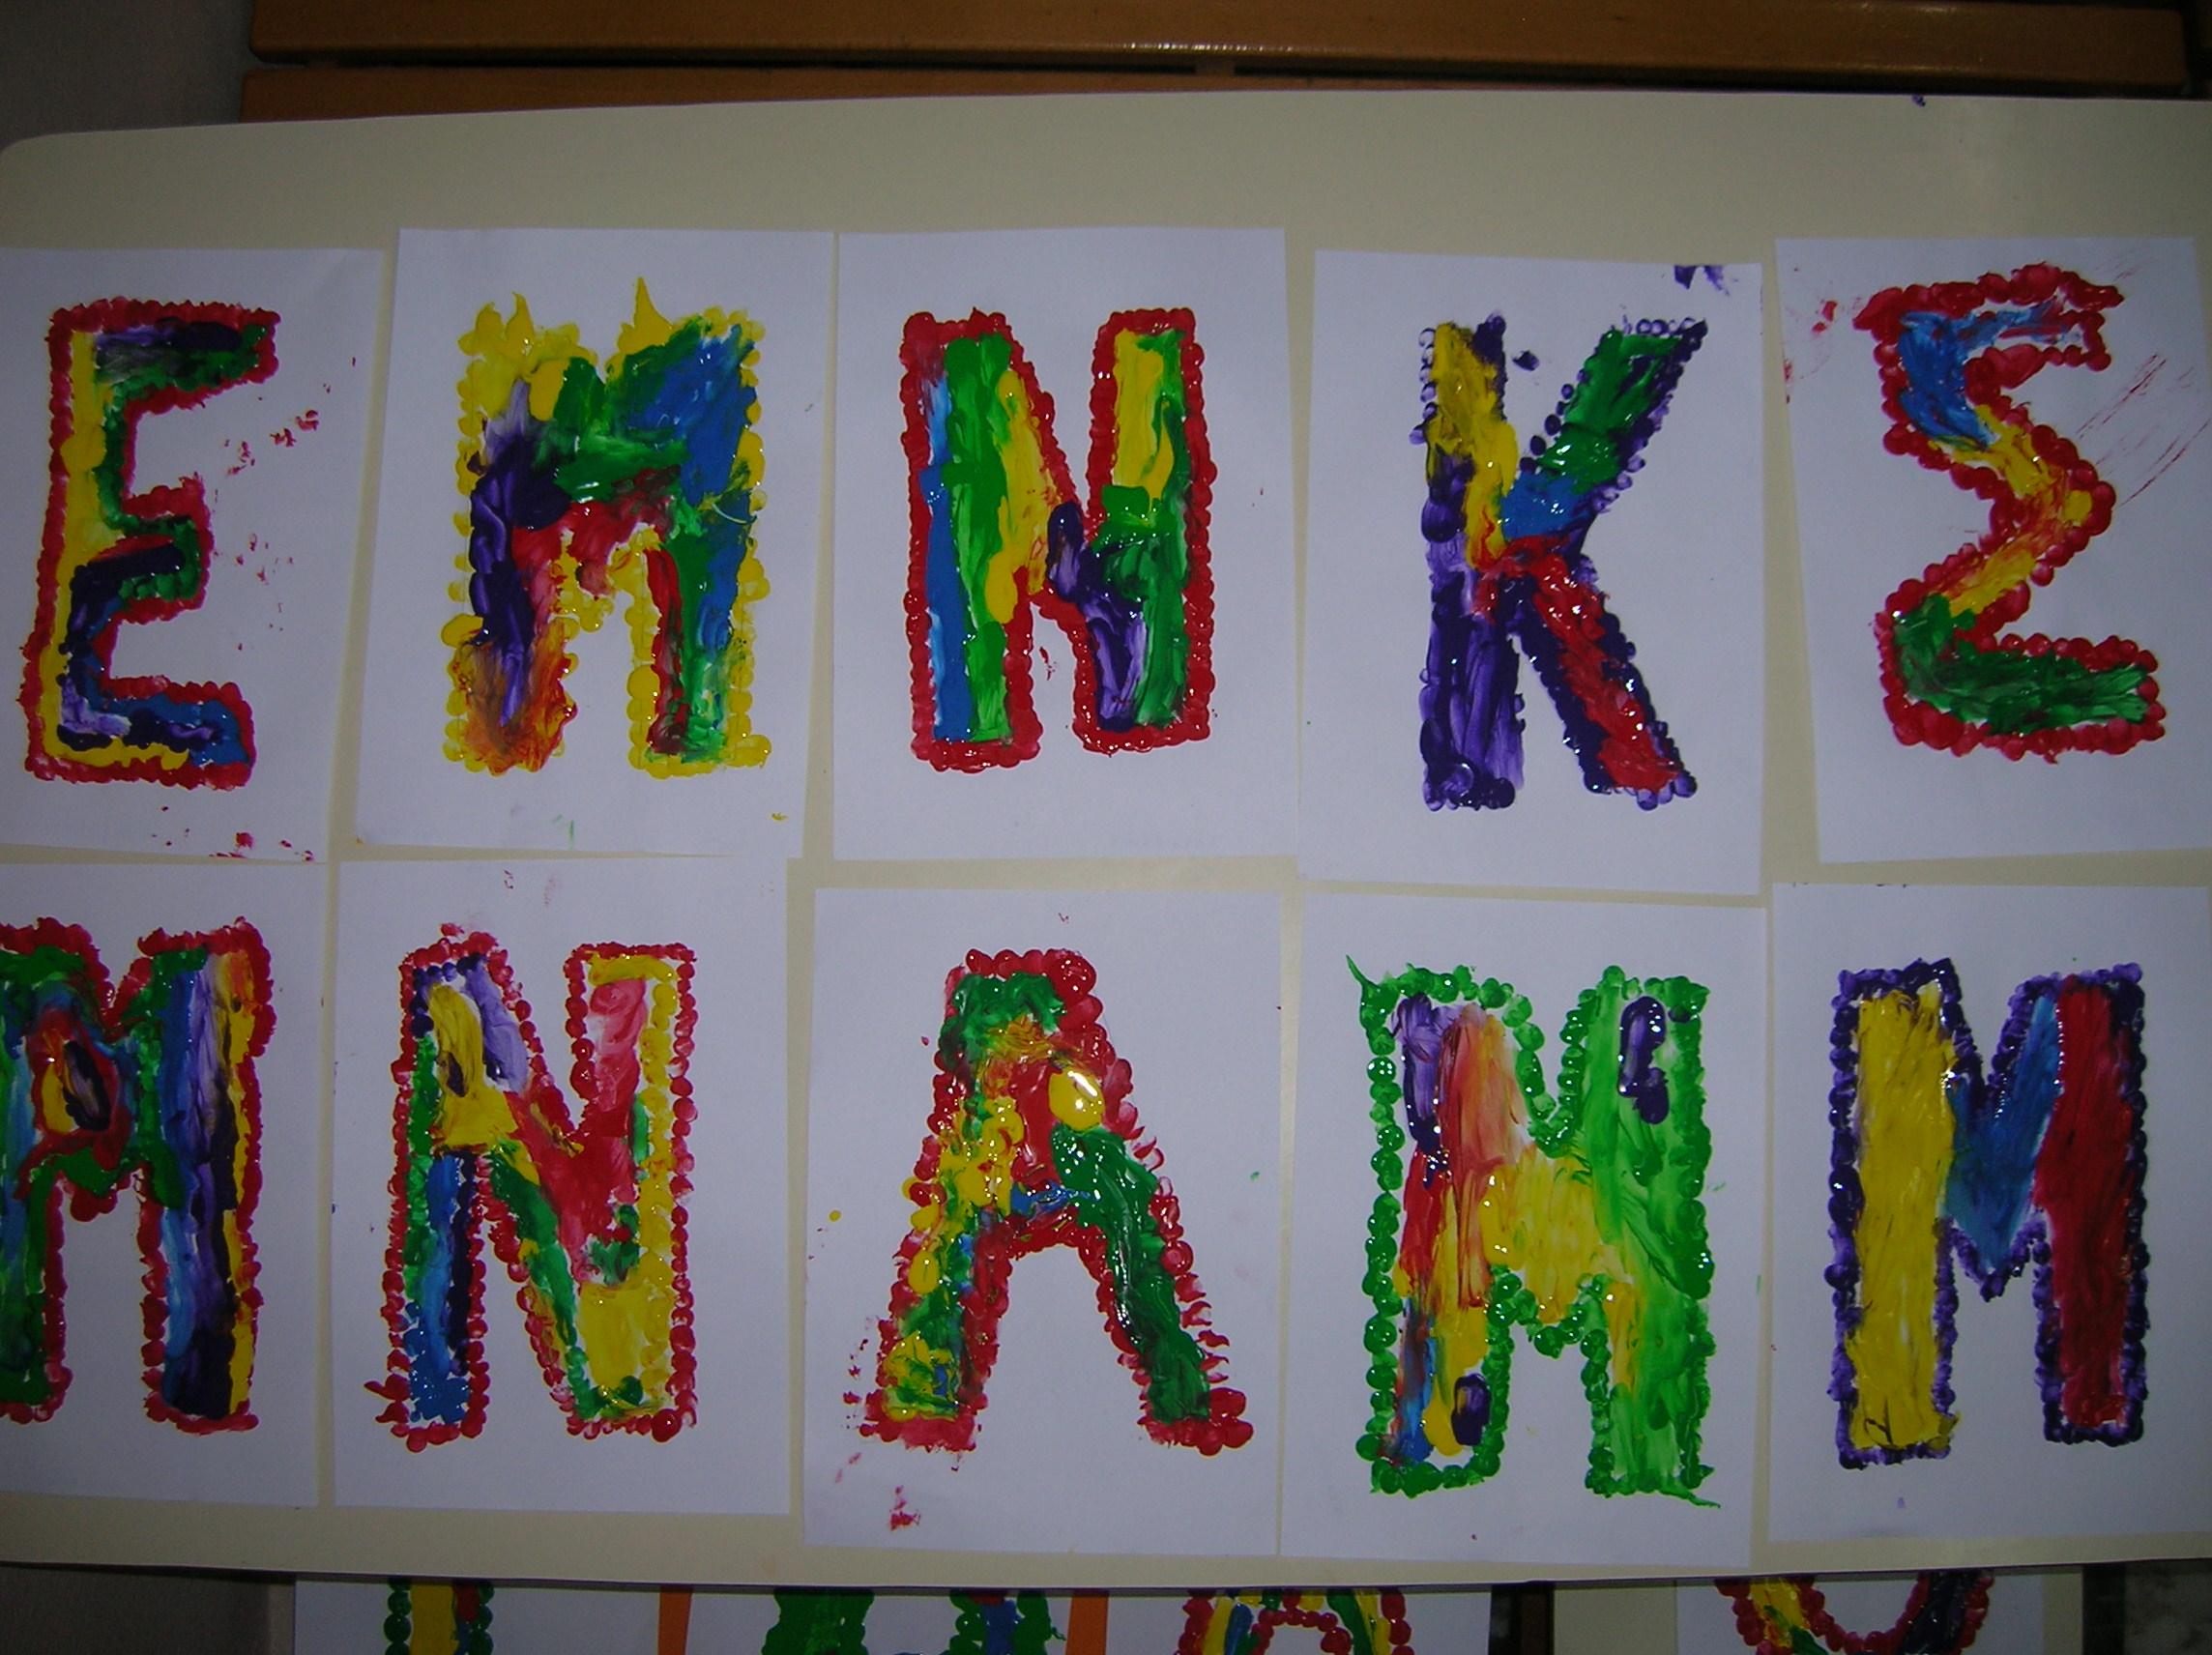 Μετράω τα γράμματα του ονόματος μου